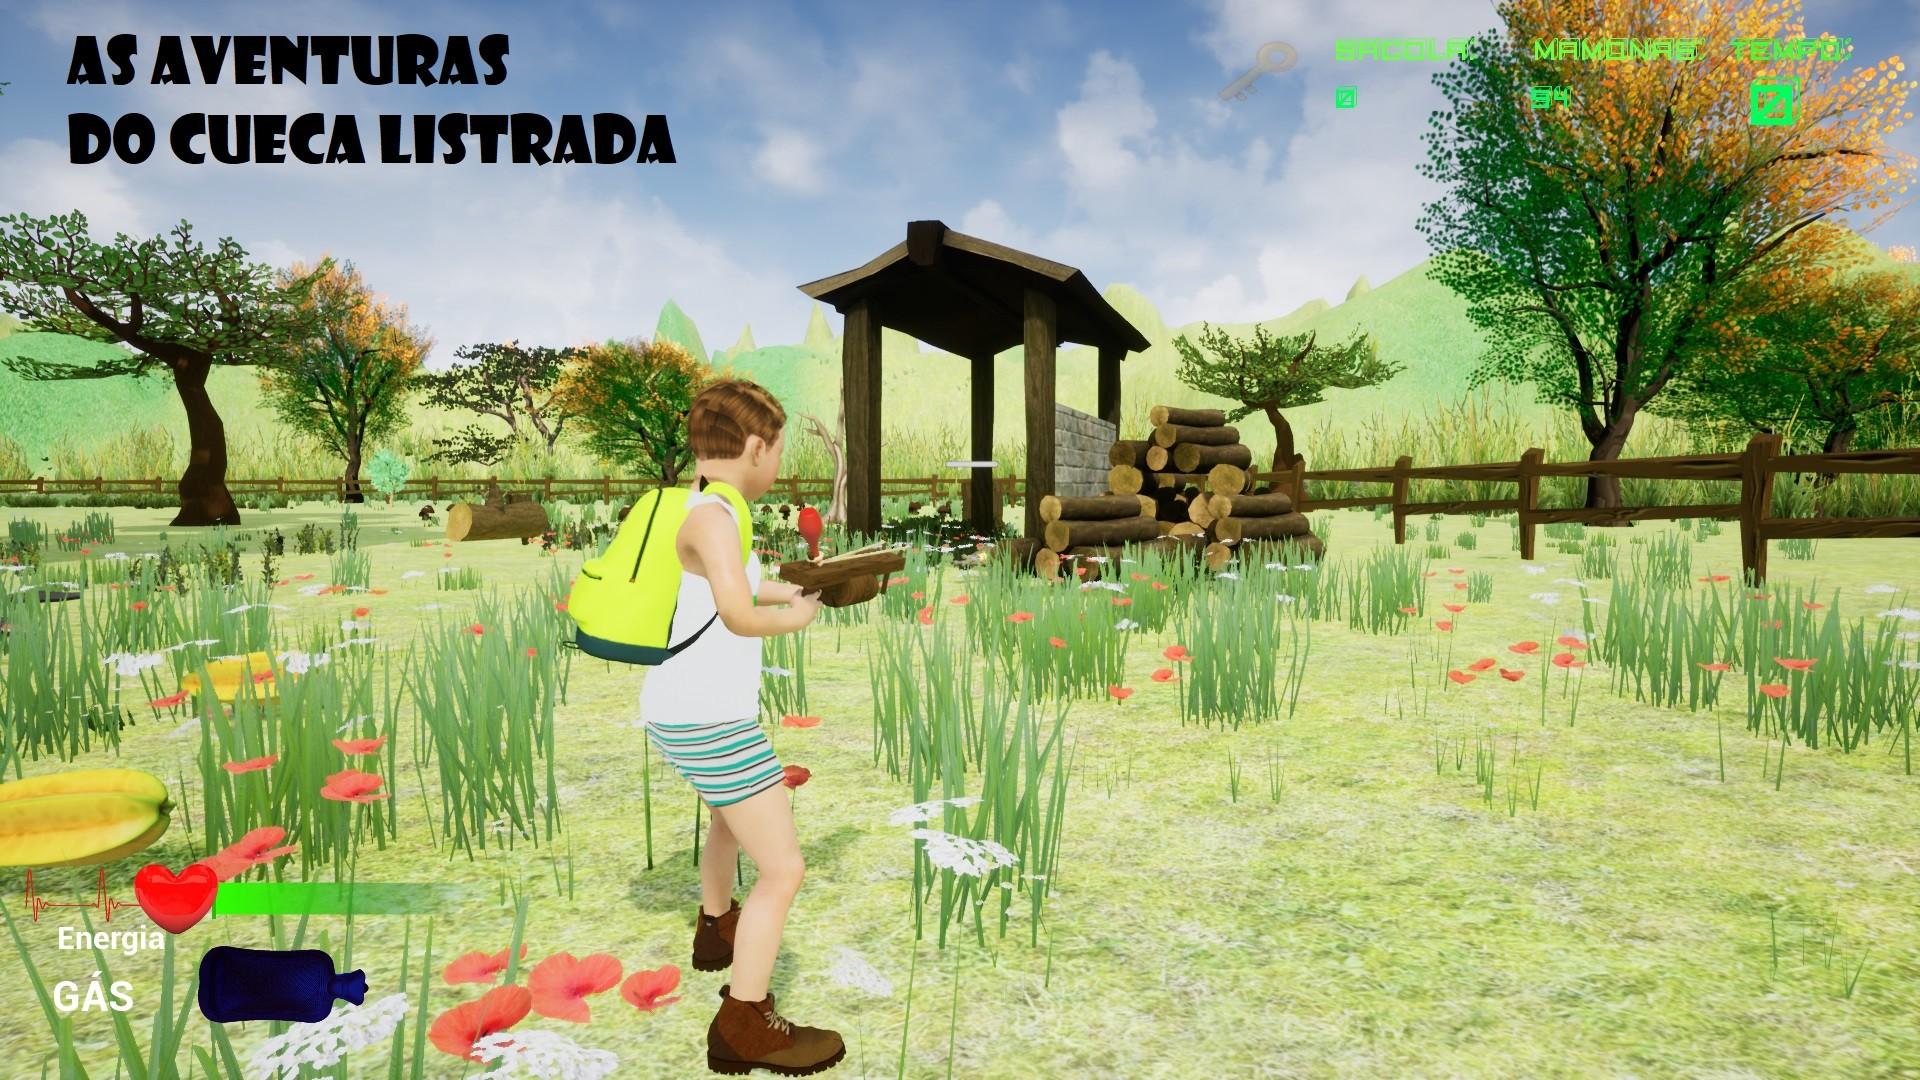 As Aventuras do Cueca Listrada screenshot